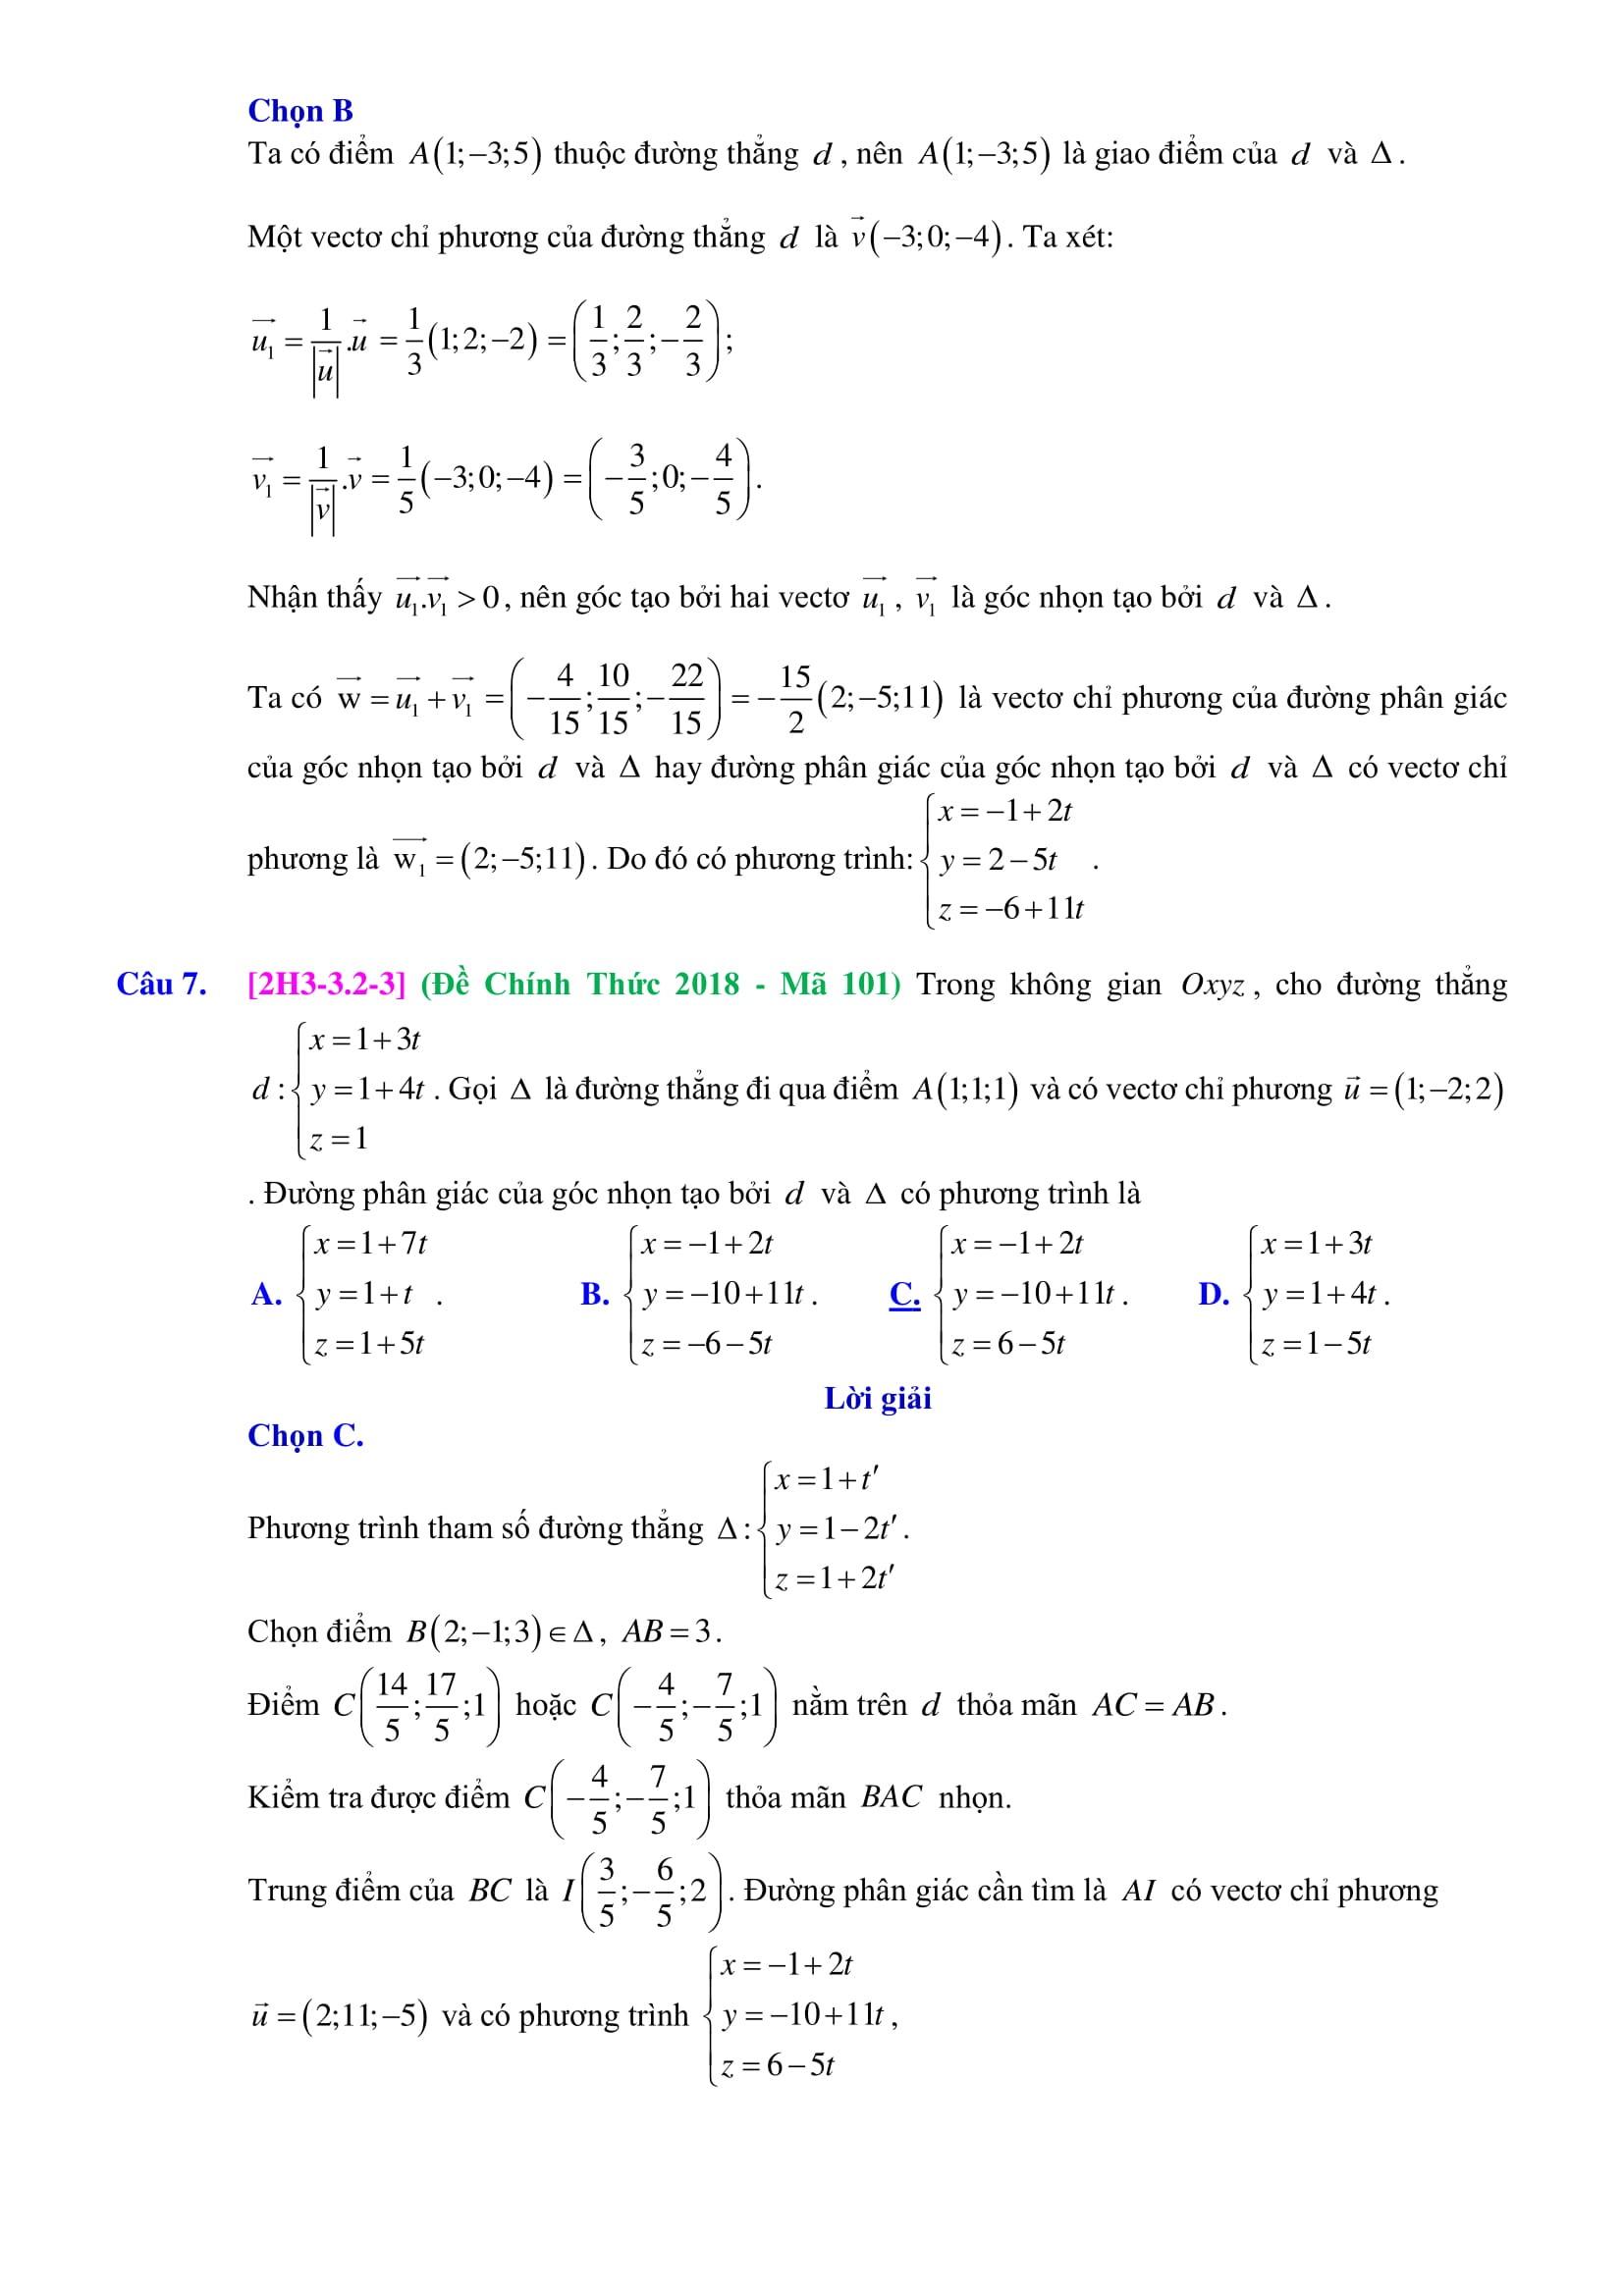 Phương trình đường thẳng trong không gian - Toán hình 12